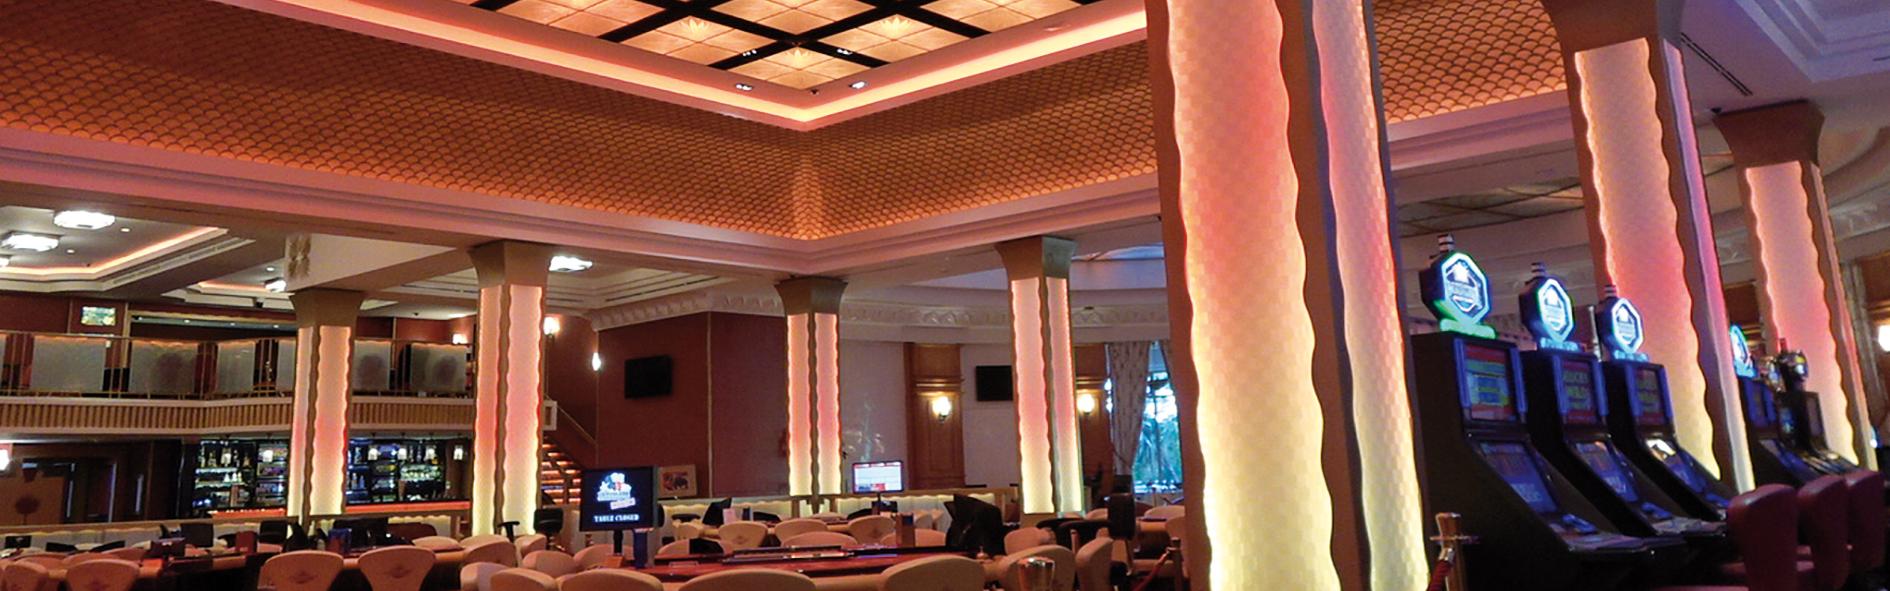 Casino LA MAMOUNIA (Marrakech)